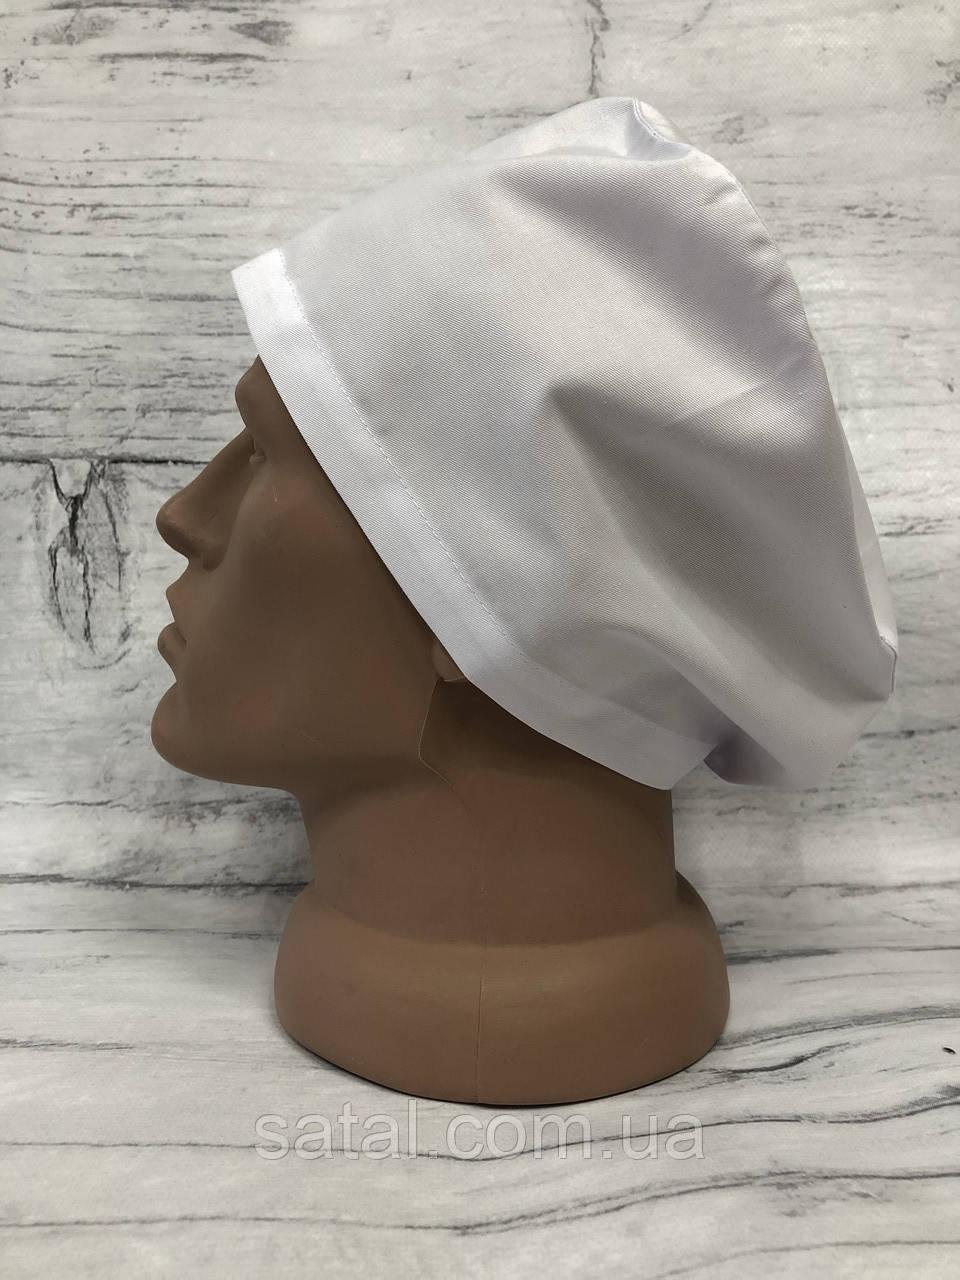 Медицинская шапочка. Белый. Satal